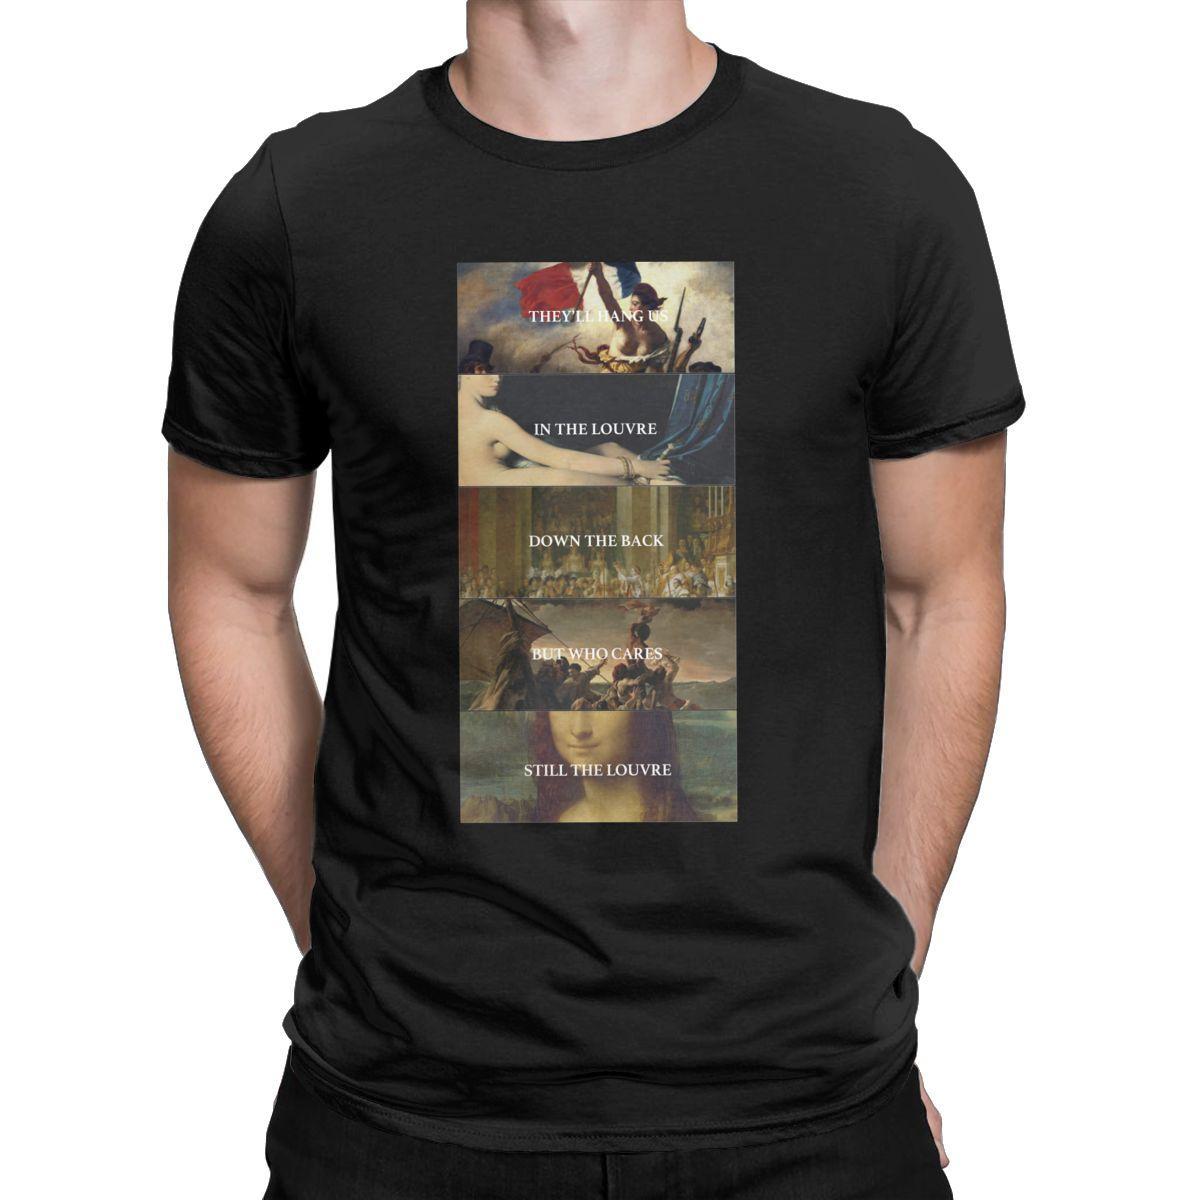 Erkek Tişörtler Louvre Komik Saf Pamuk Tee Gömlek Kısa Kollu Mona Lisa Sanatçı T Shirt Crewneck Giyim 4XL 5XL